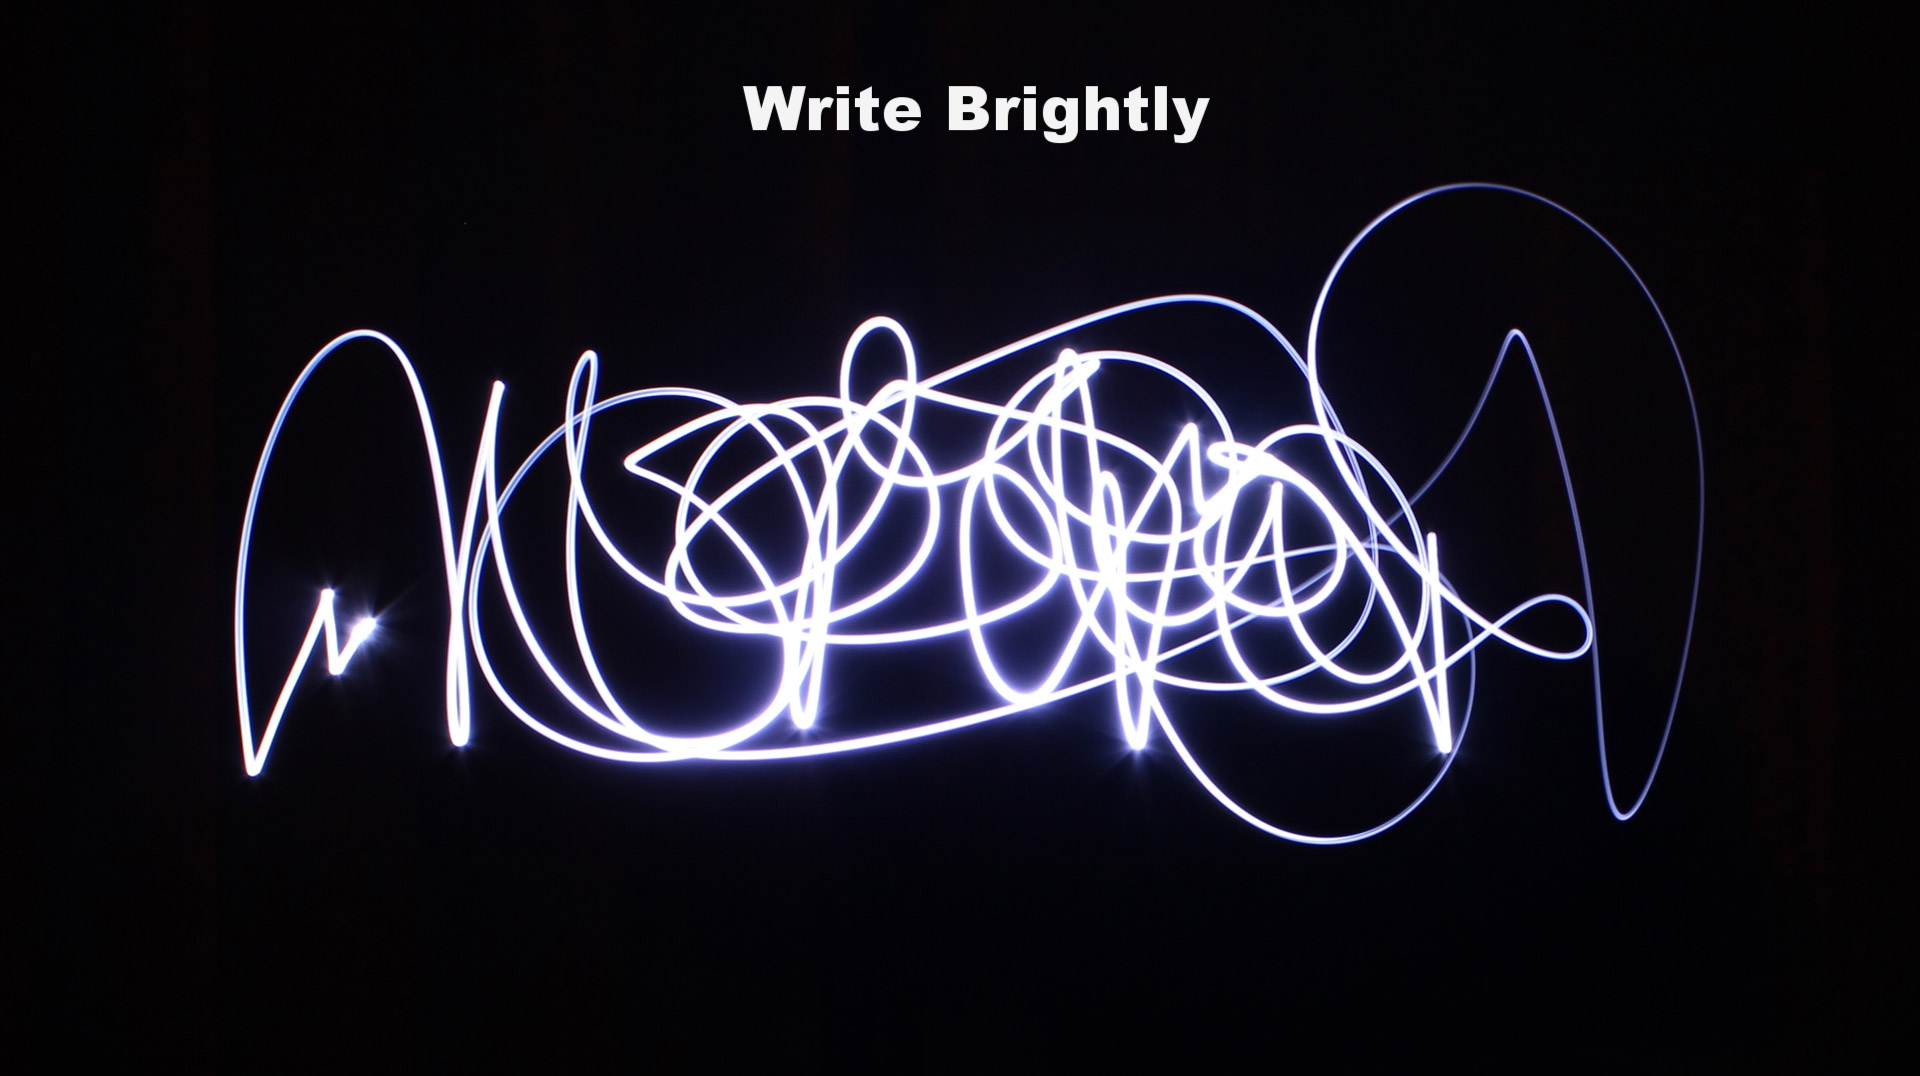 Write Brightly